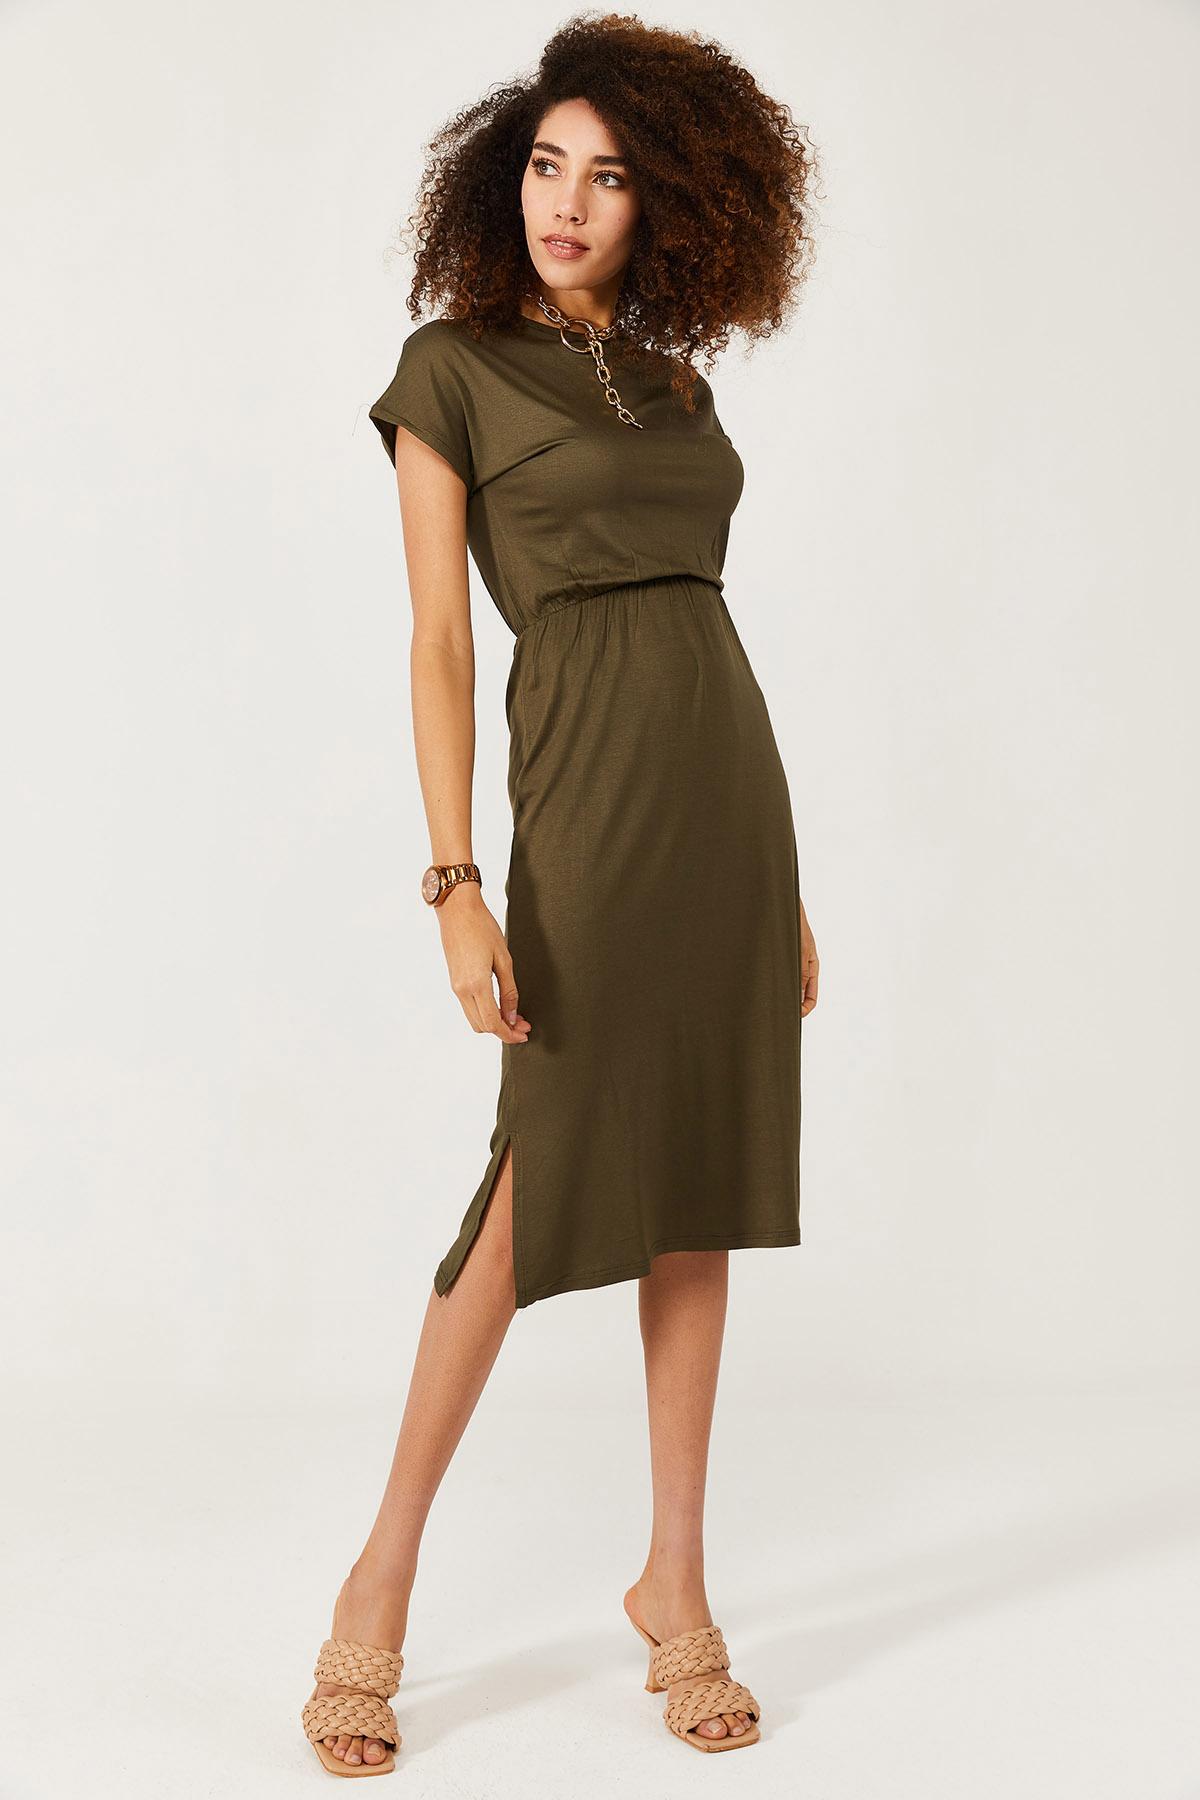 XHAN - Haki Yumuşak Dokulu Esnek Yırtmaçlı Elbise 1KXK6-44569-09